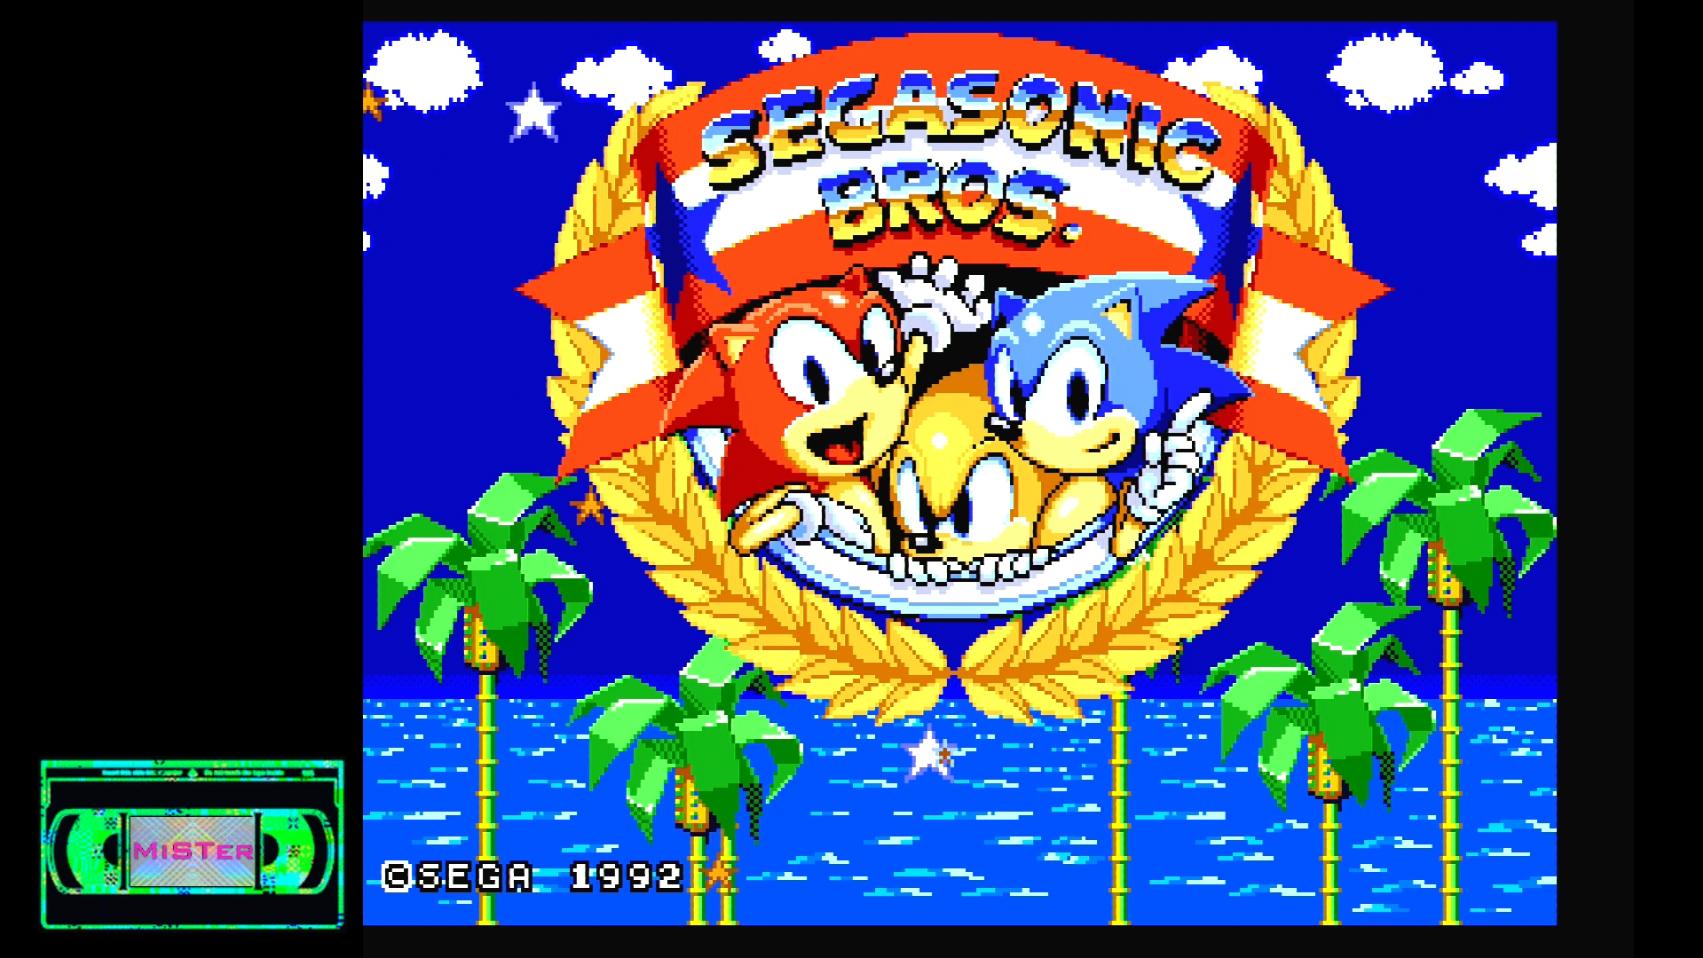 SegaSonic Bros MD Released – Sega Genesis